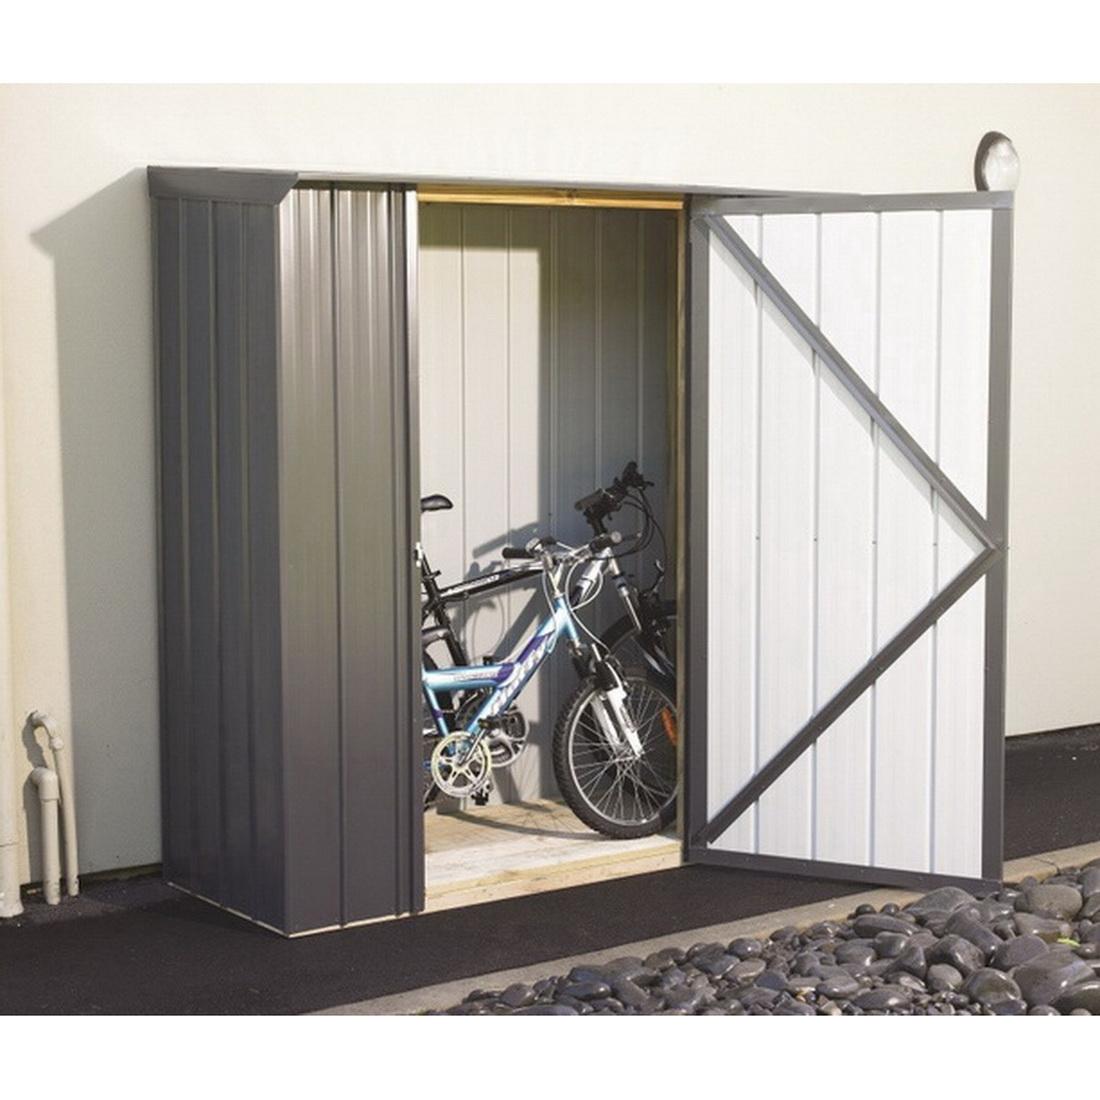 FORT Colour Kitset Garden Shed Locker 1.81 x 0.685 x 1.975 m FTUFLC